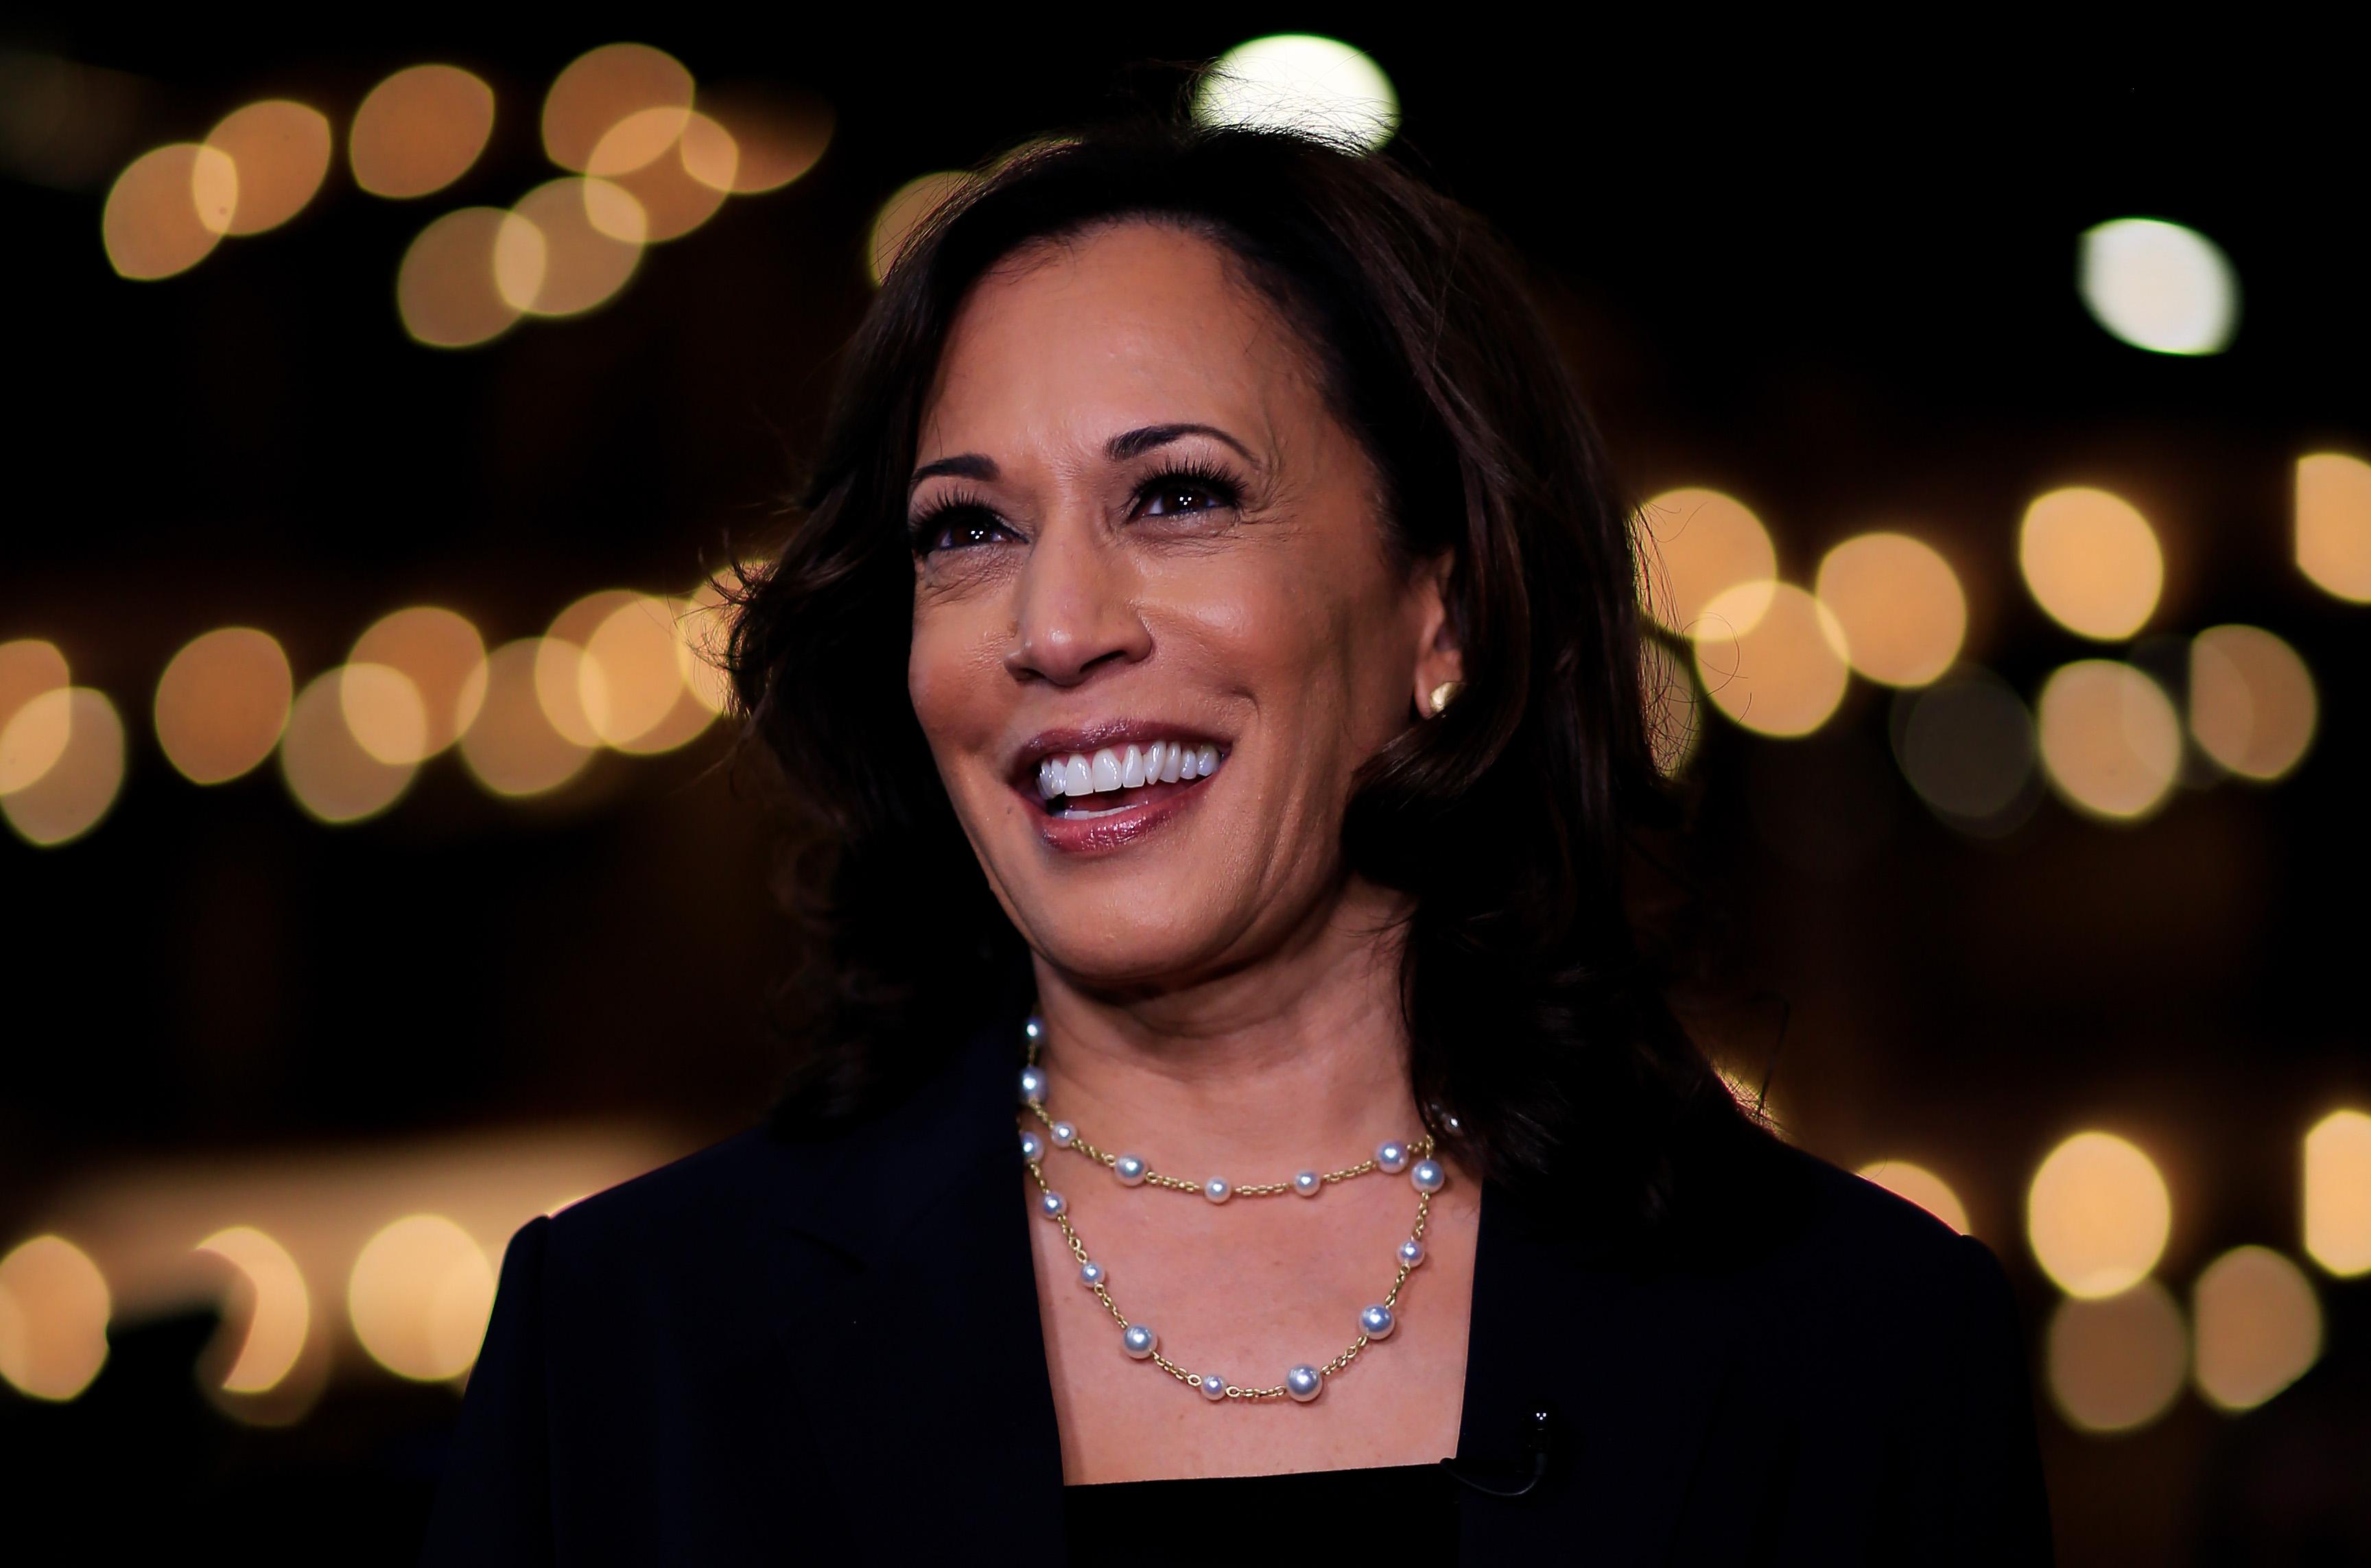 Sen. Kamala Harris at the first 2019 Democratic presidential debate.